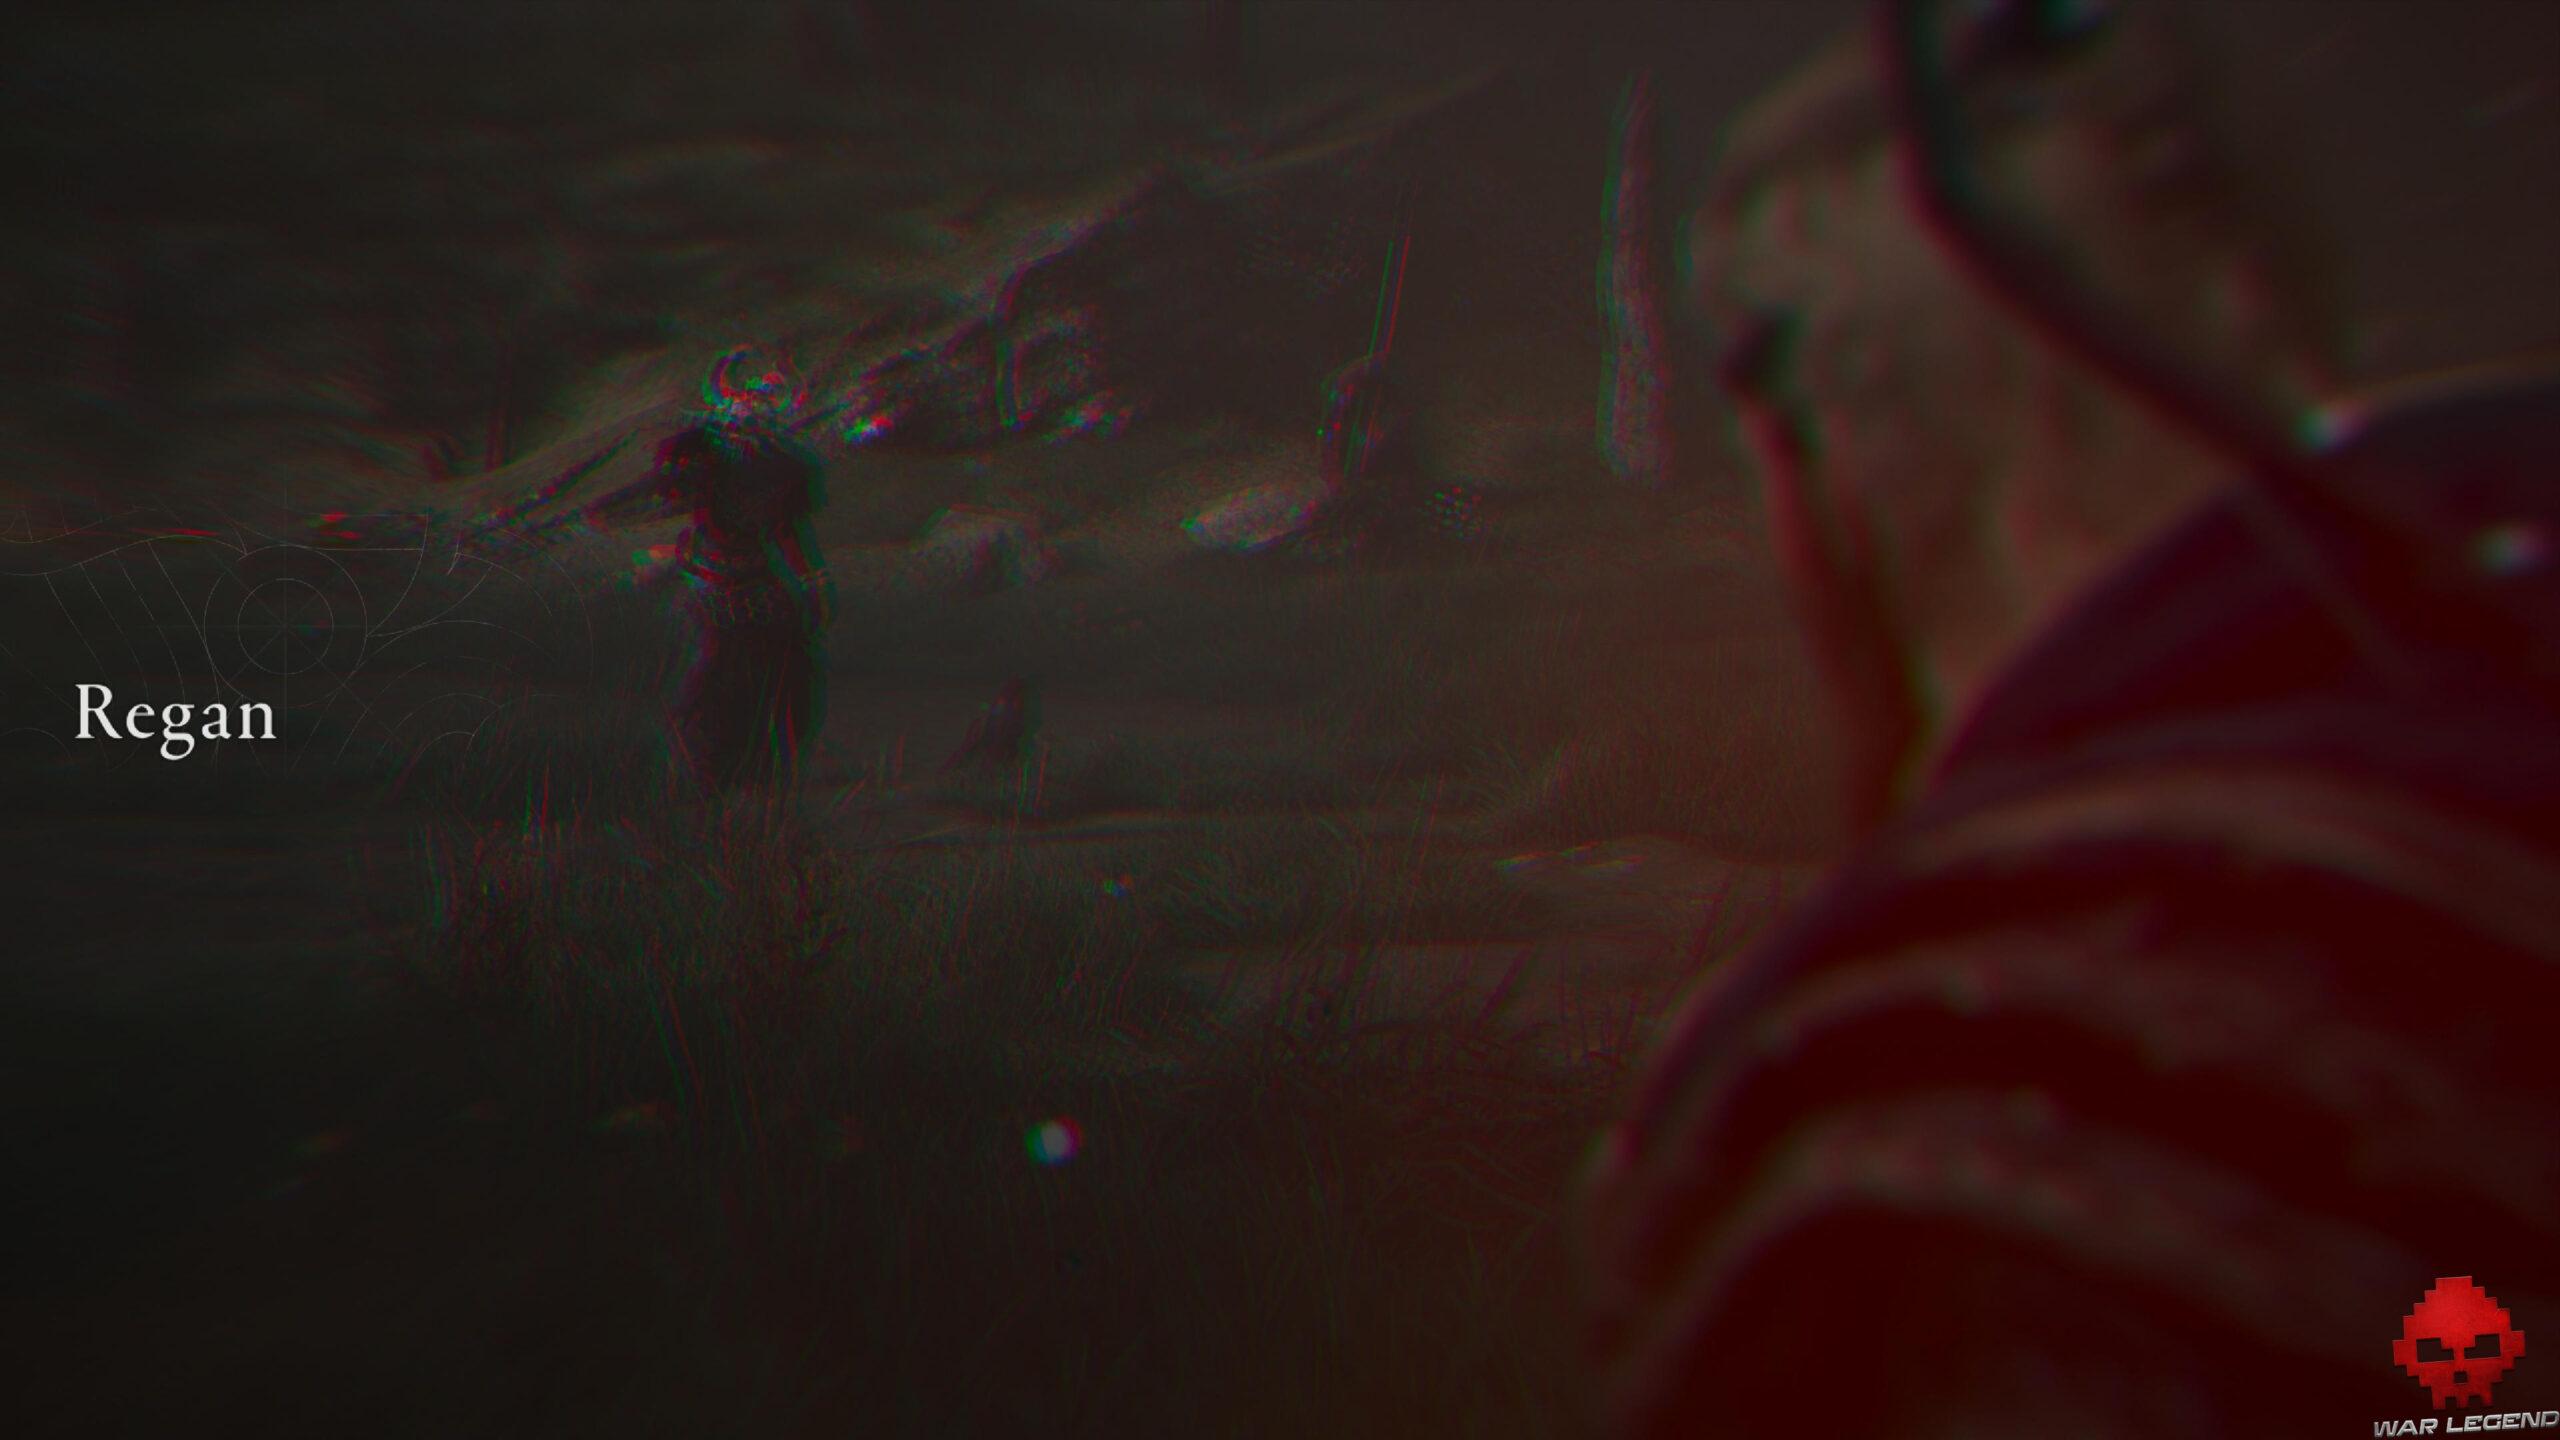 Regan Assassin's Creed Valhalla